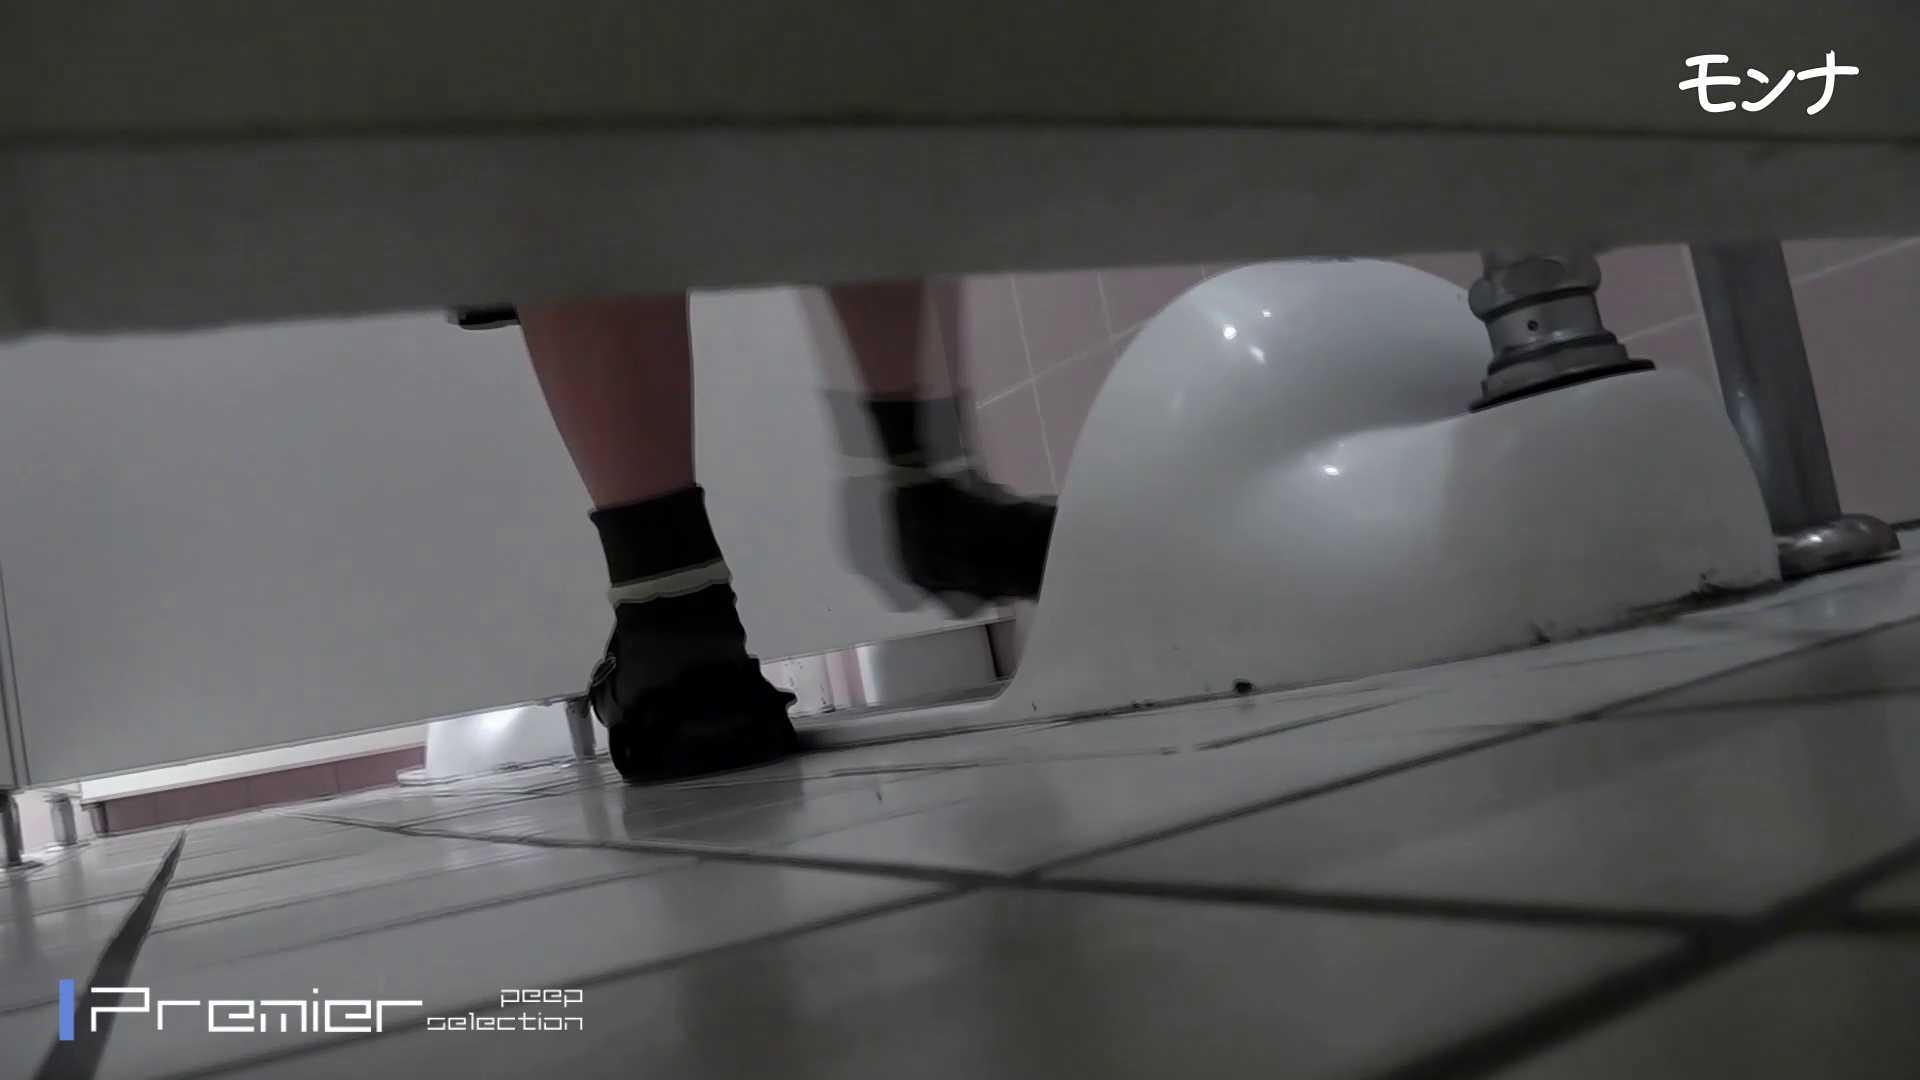 美しい日本の未来 No.84この美脚と距離感 エッチな盗撮 AV無料動画キャプチャ 102pic 102